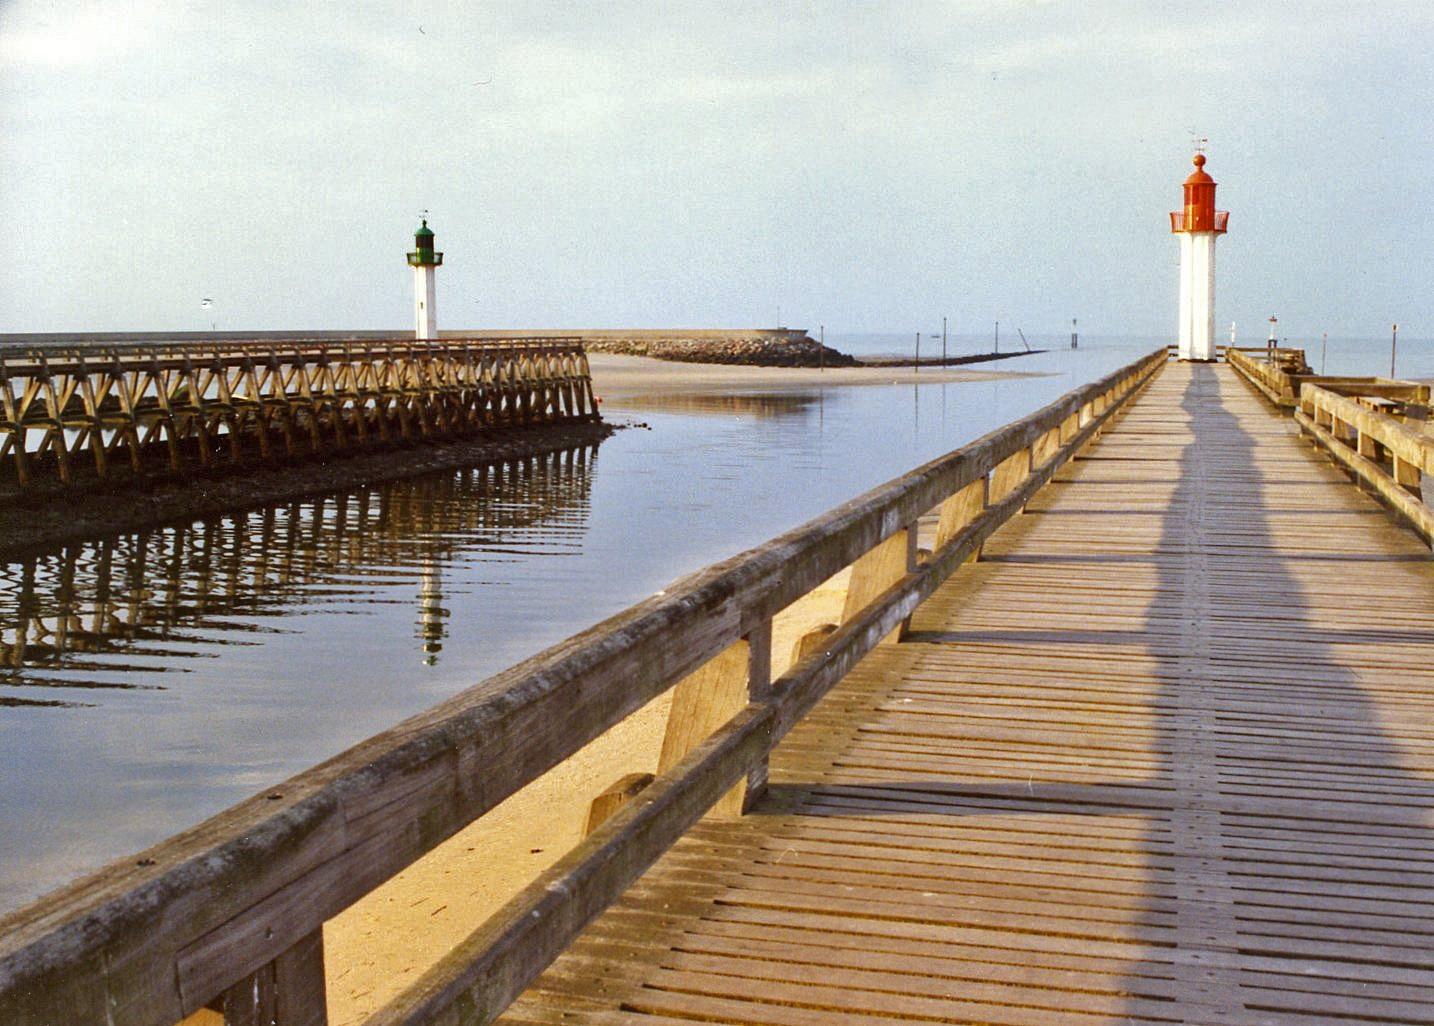 Strand von Trouville, Trouville-sur-Mer, Calvados (Département), Frankreich